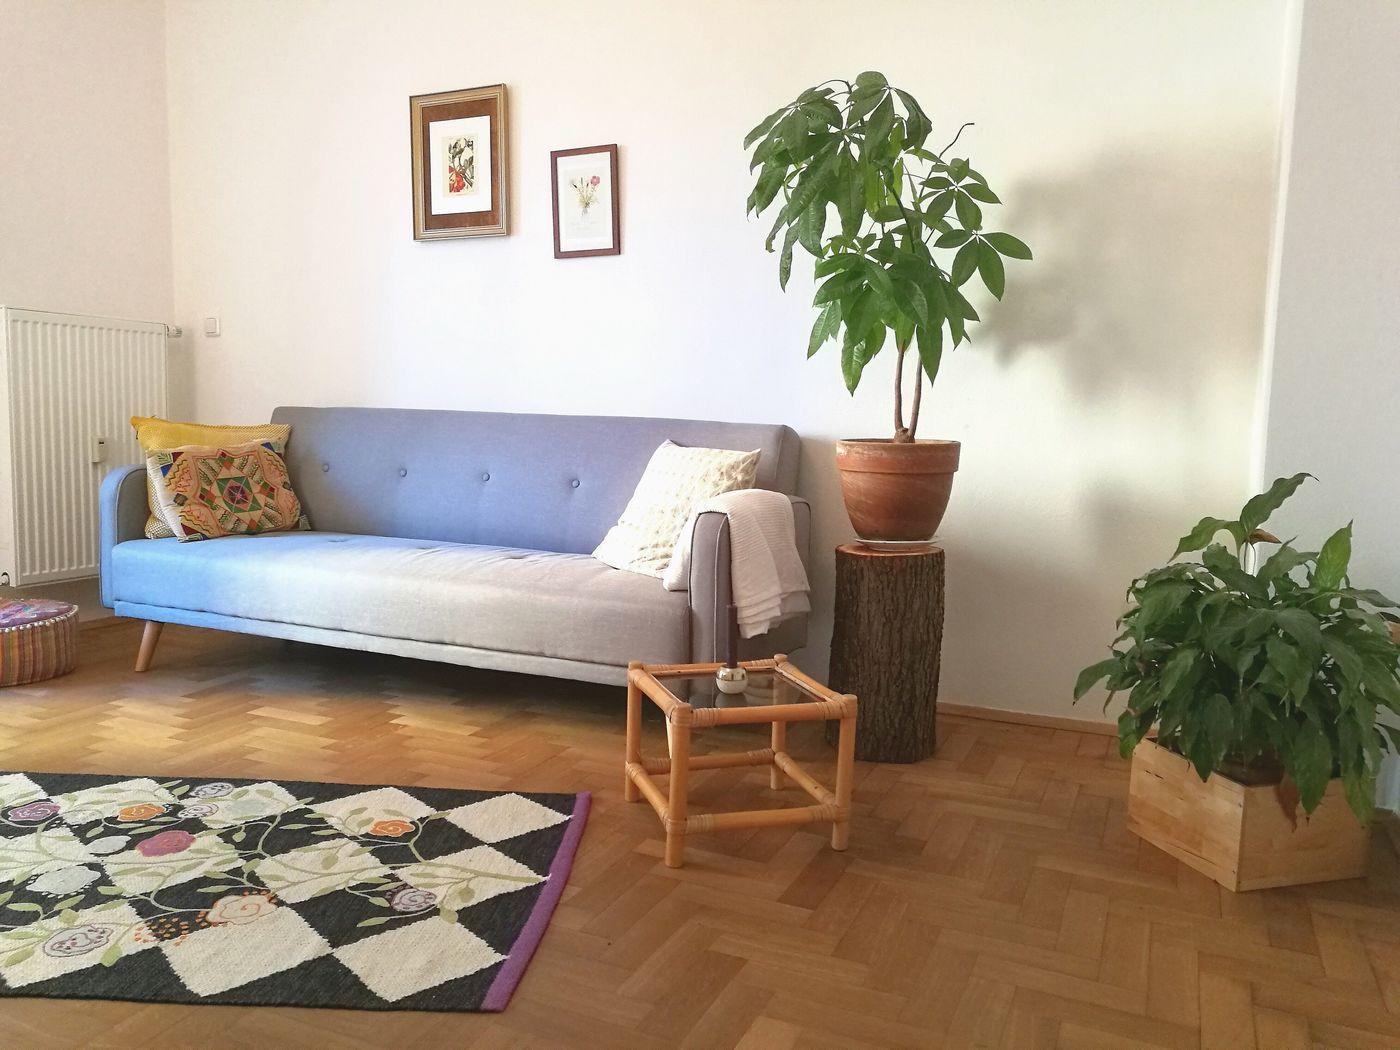 kleine wohnzimmer einrichten gestalten seite 2. Black Bedroom Furniture Sets. Home Design Ideas